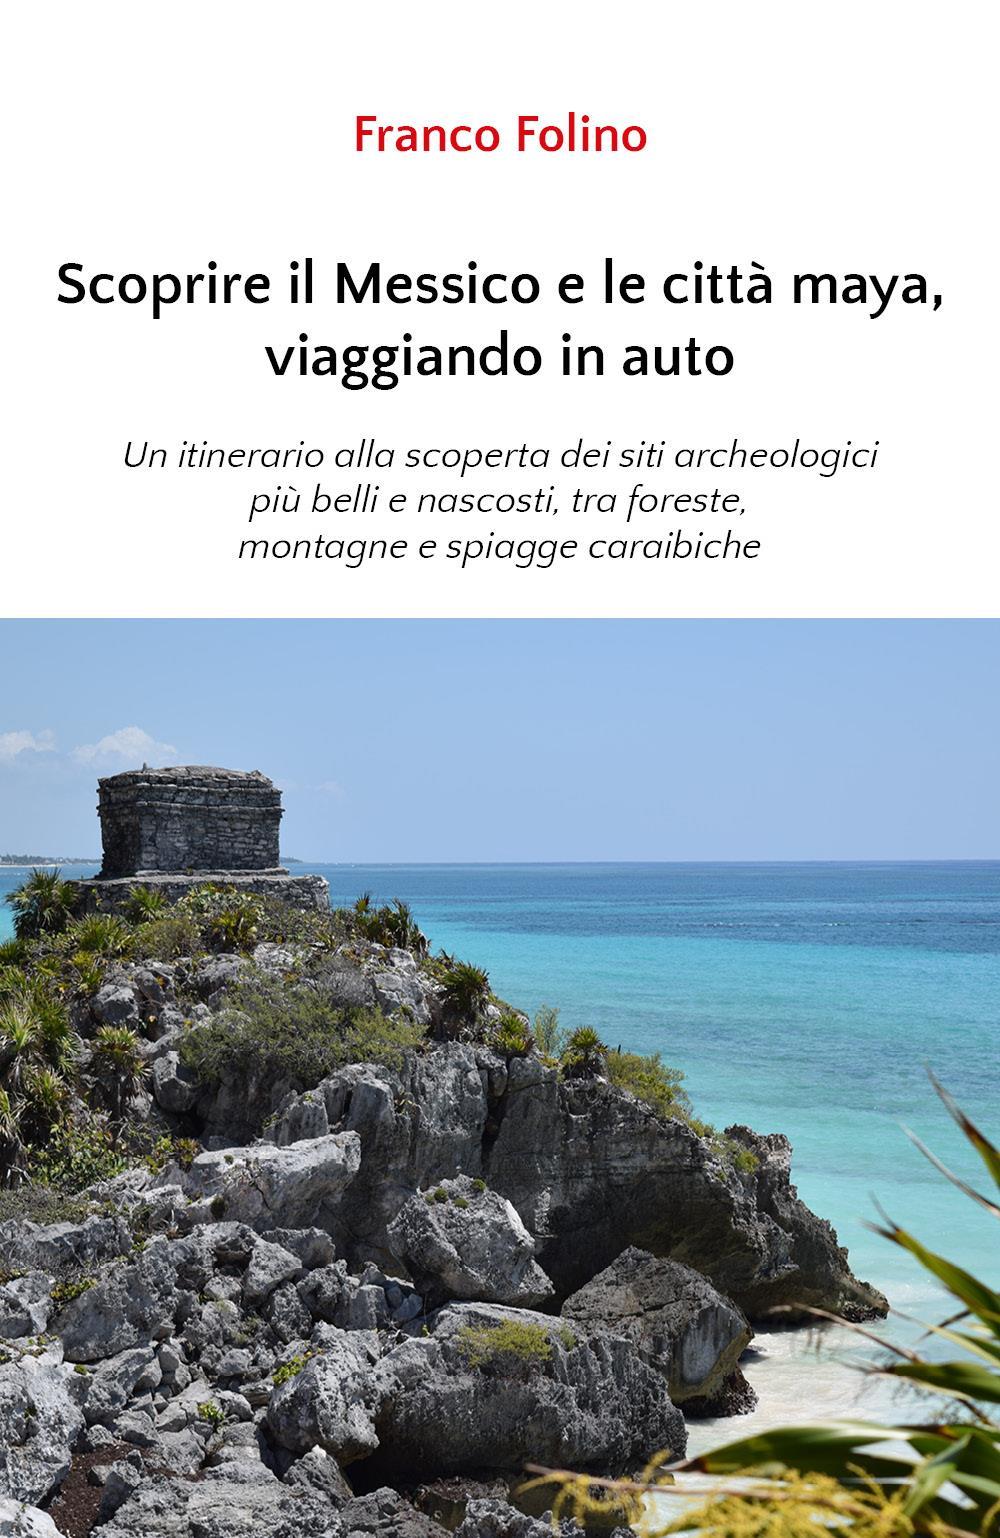 Scoprire il Messico e le città maya, viaggiando in auto